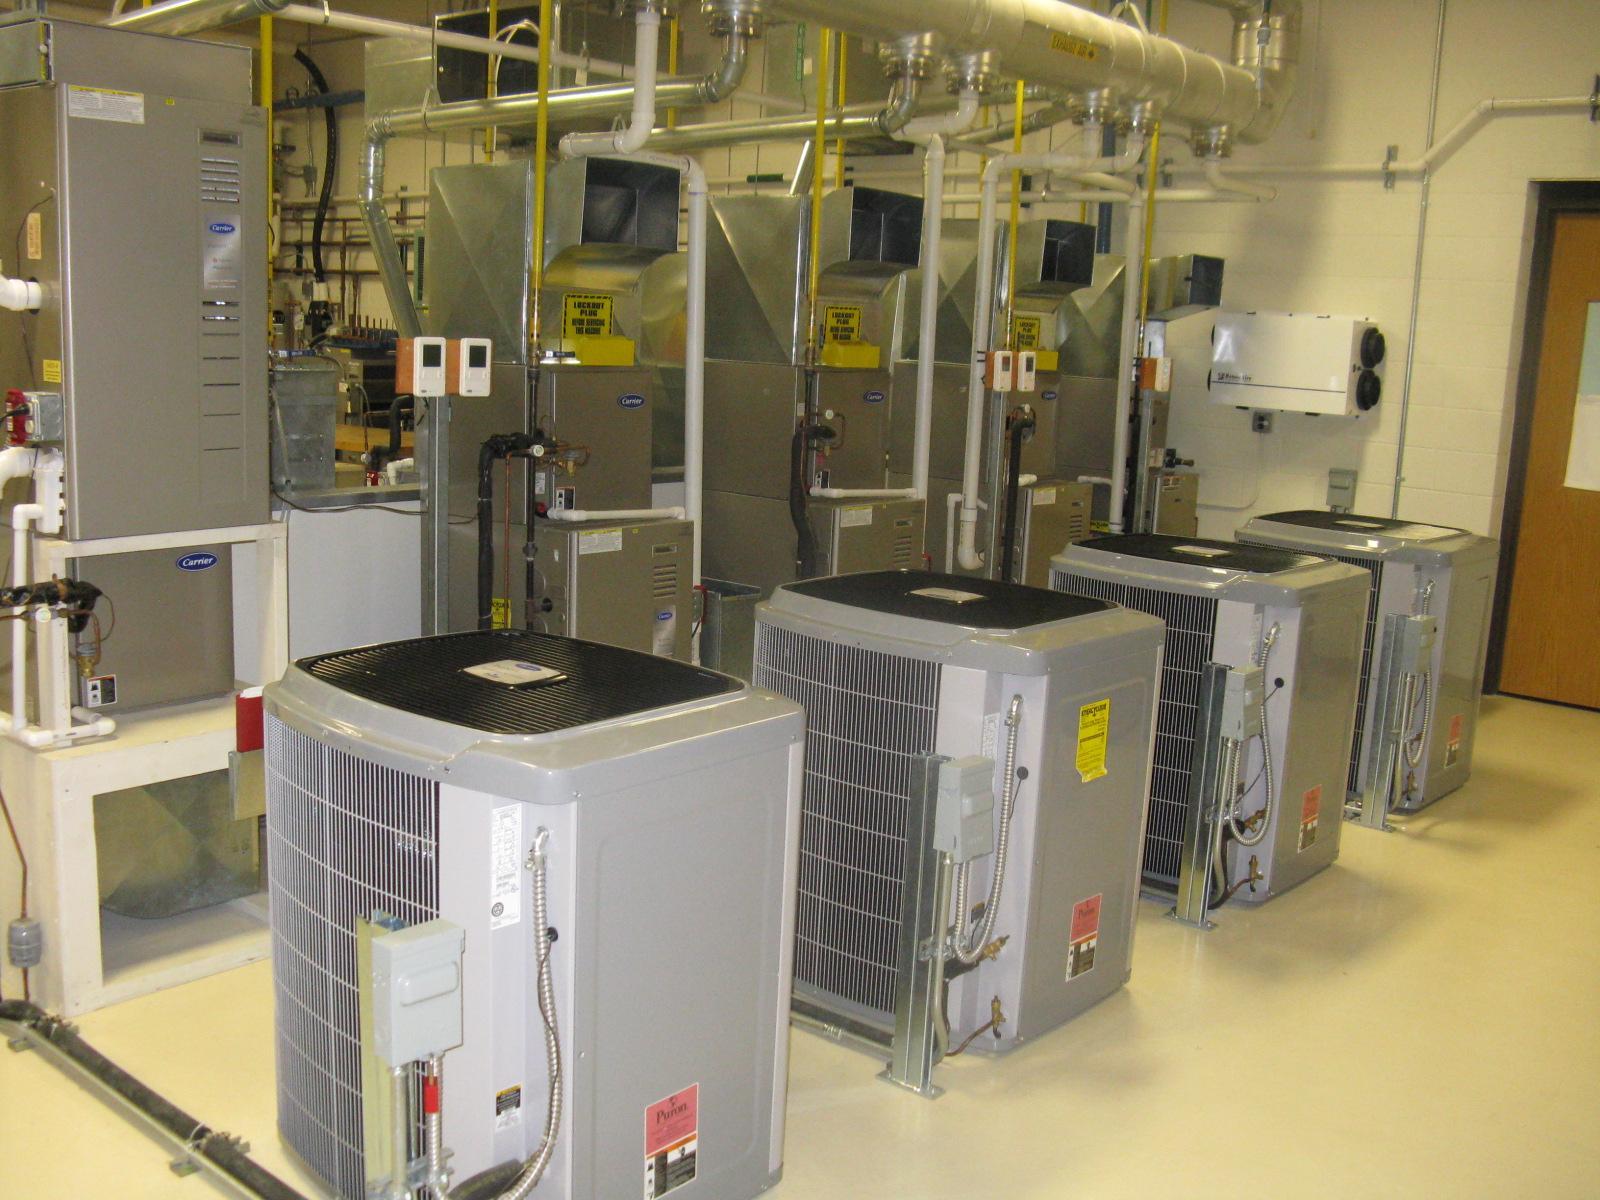 High efficiency A/C units in HVAC lab